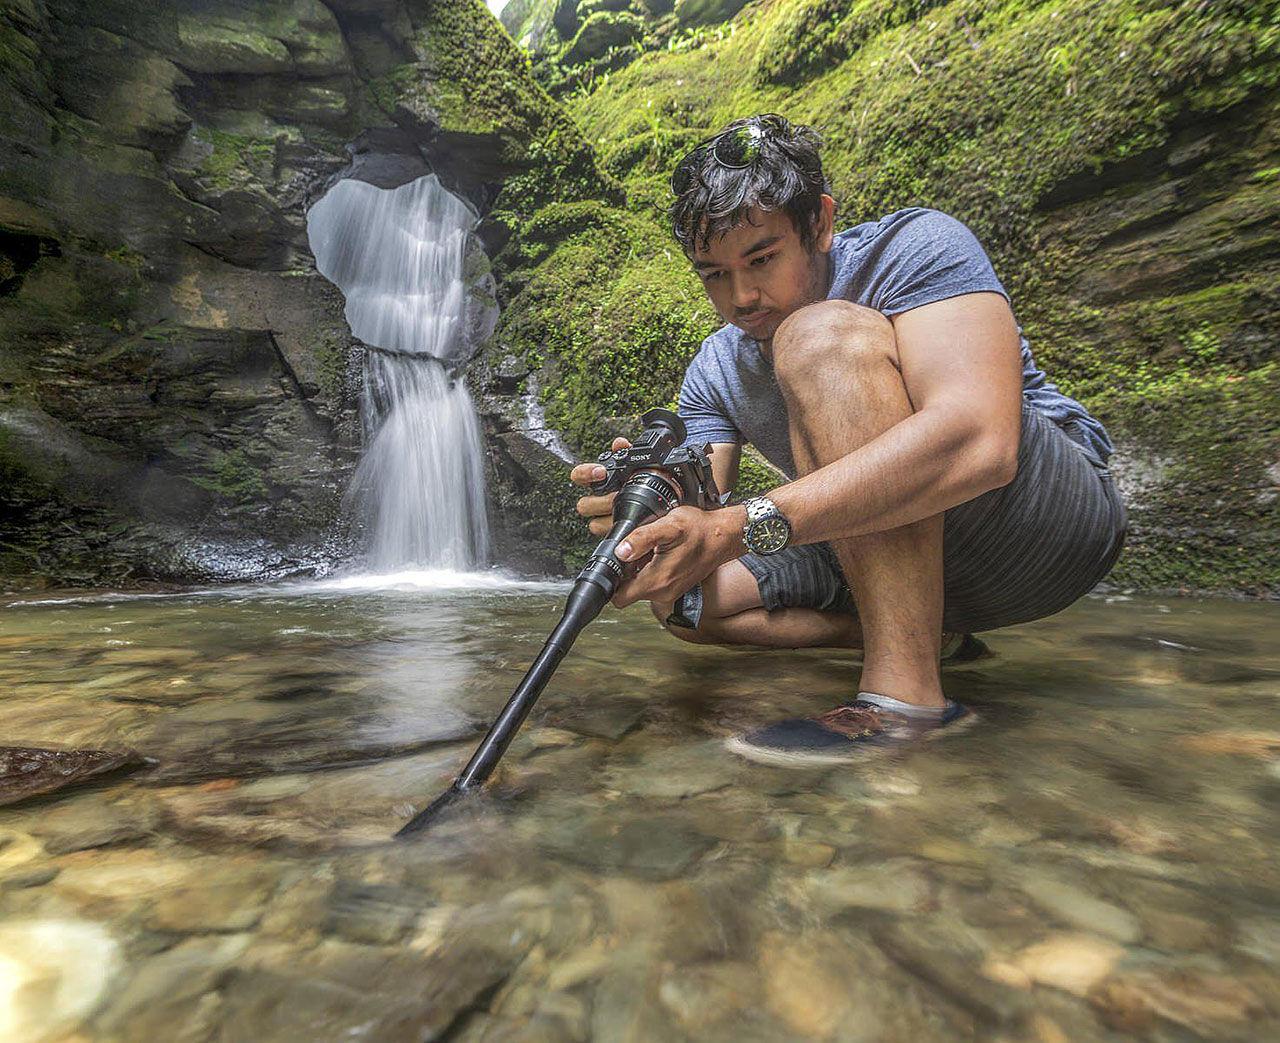 Laowa släpper objektiv för makrofotografering under vatten